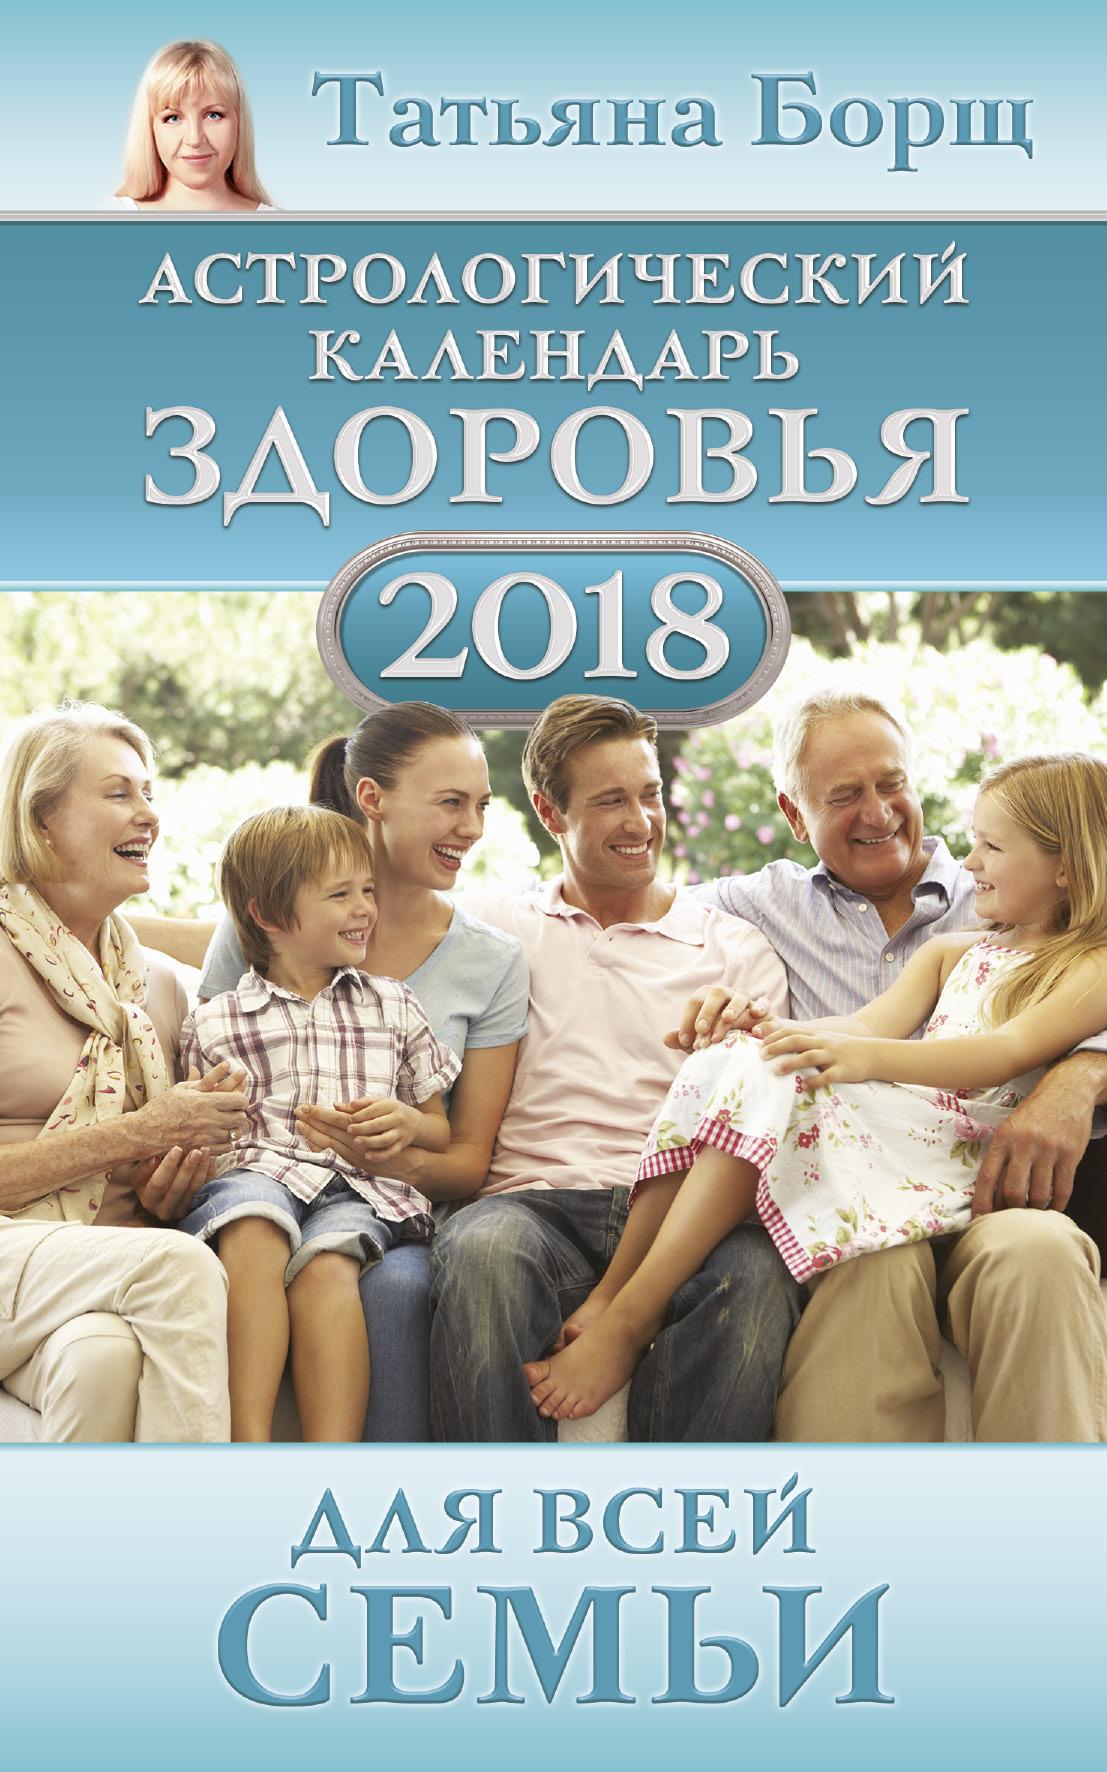 Татьяна Борщ Астрологический календарь здоровья для всей семьи на 2018 год